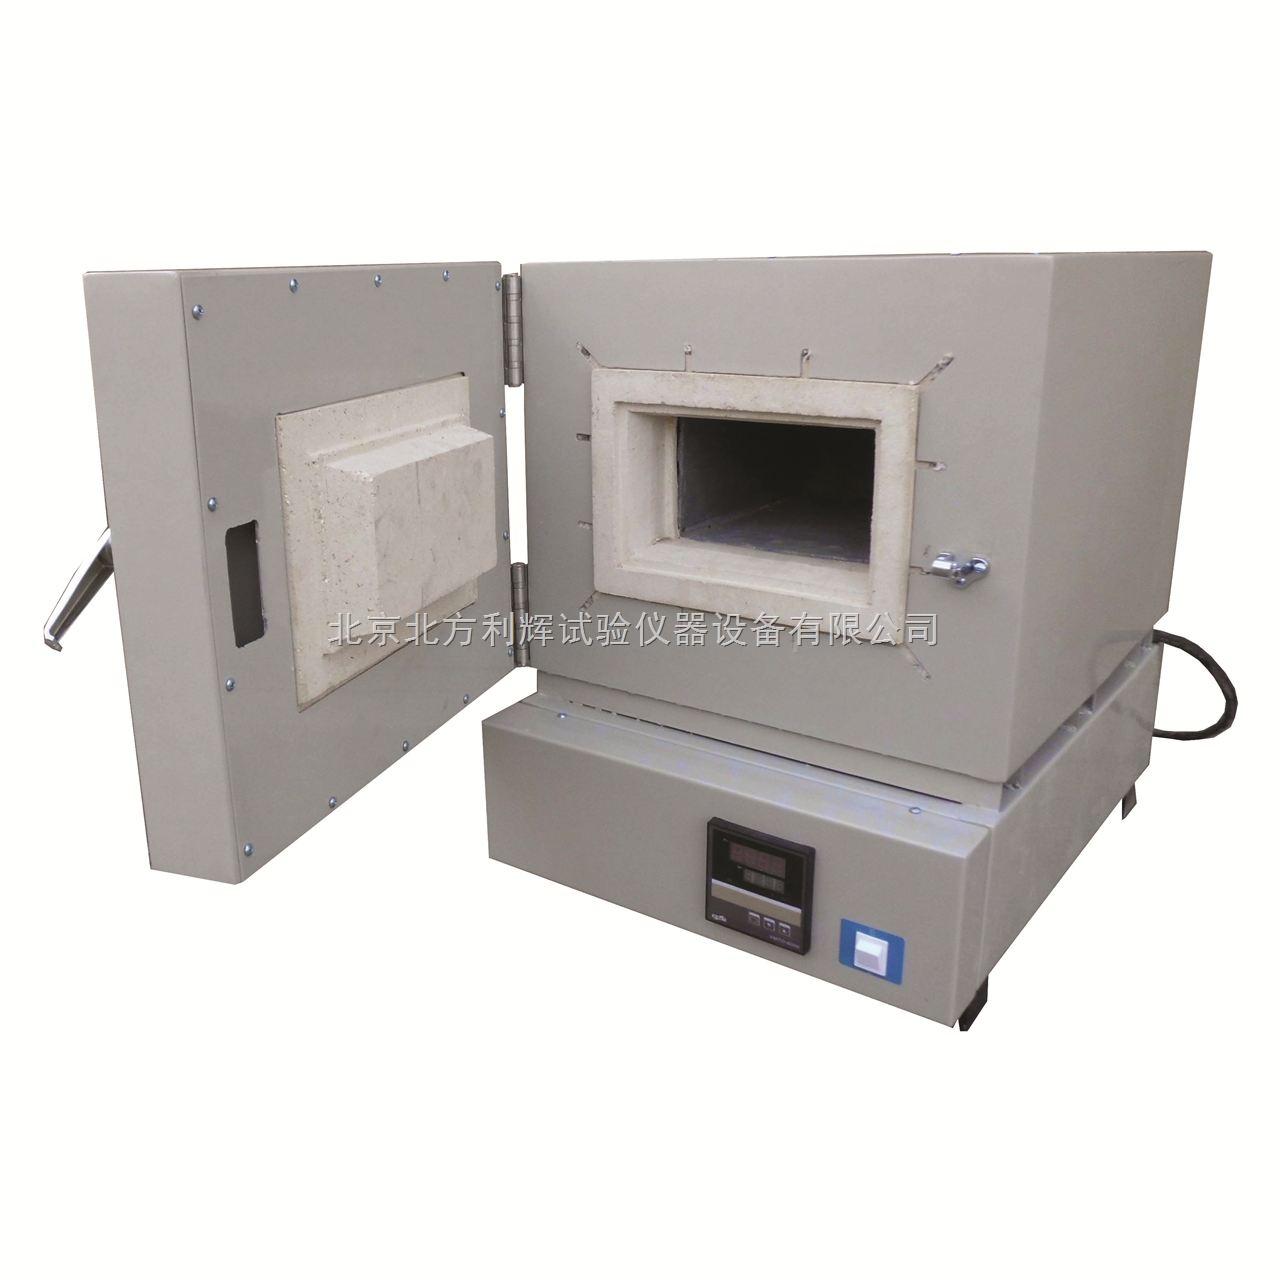 1000度/1200度高温电炉/箱式高温炉/马弗炉